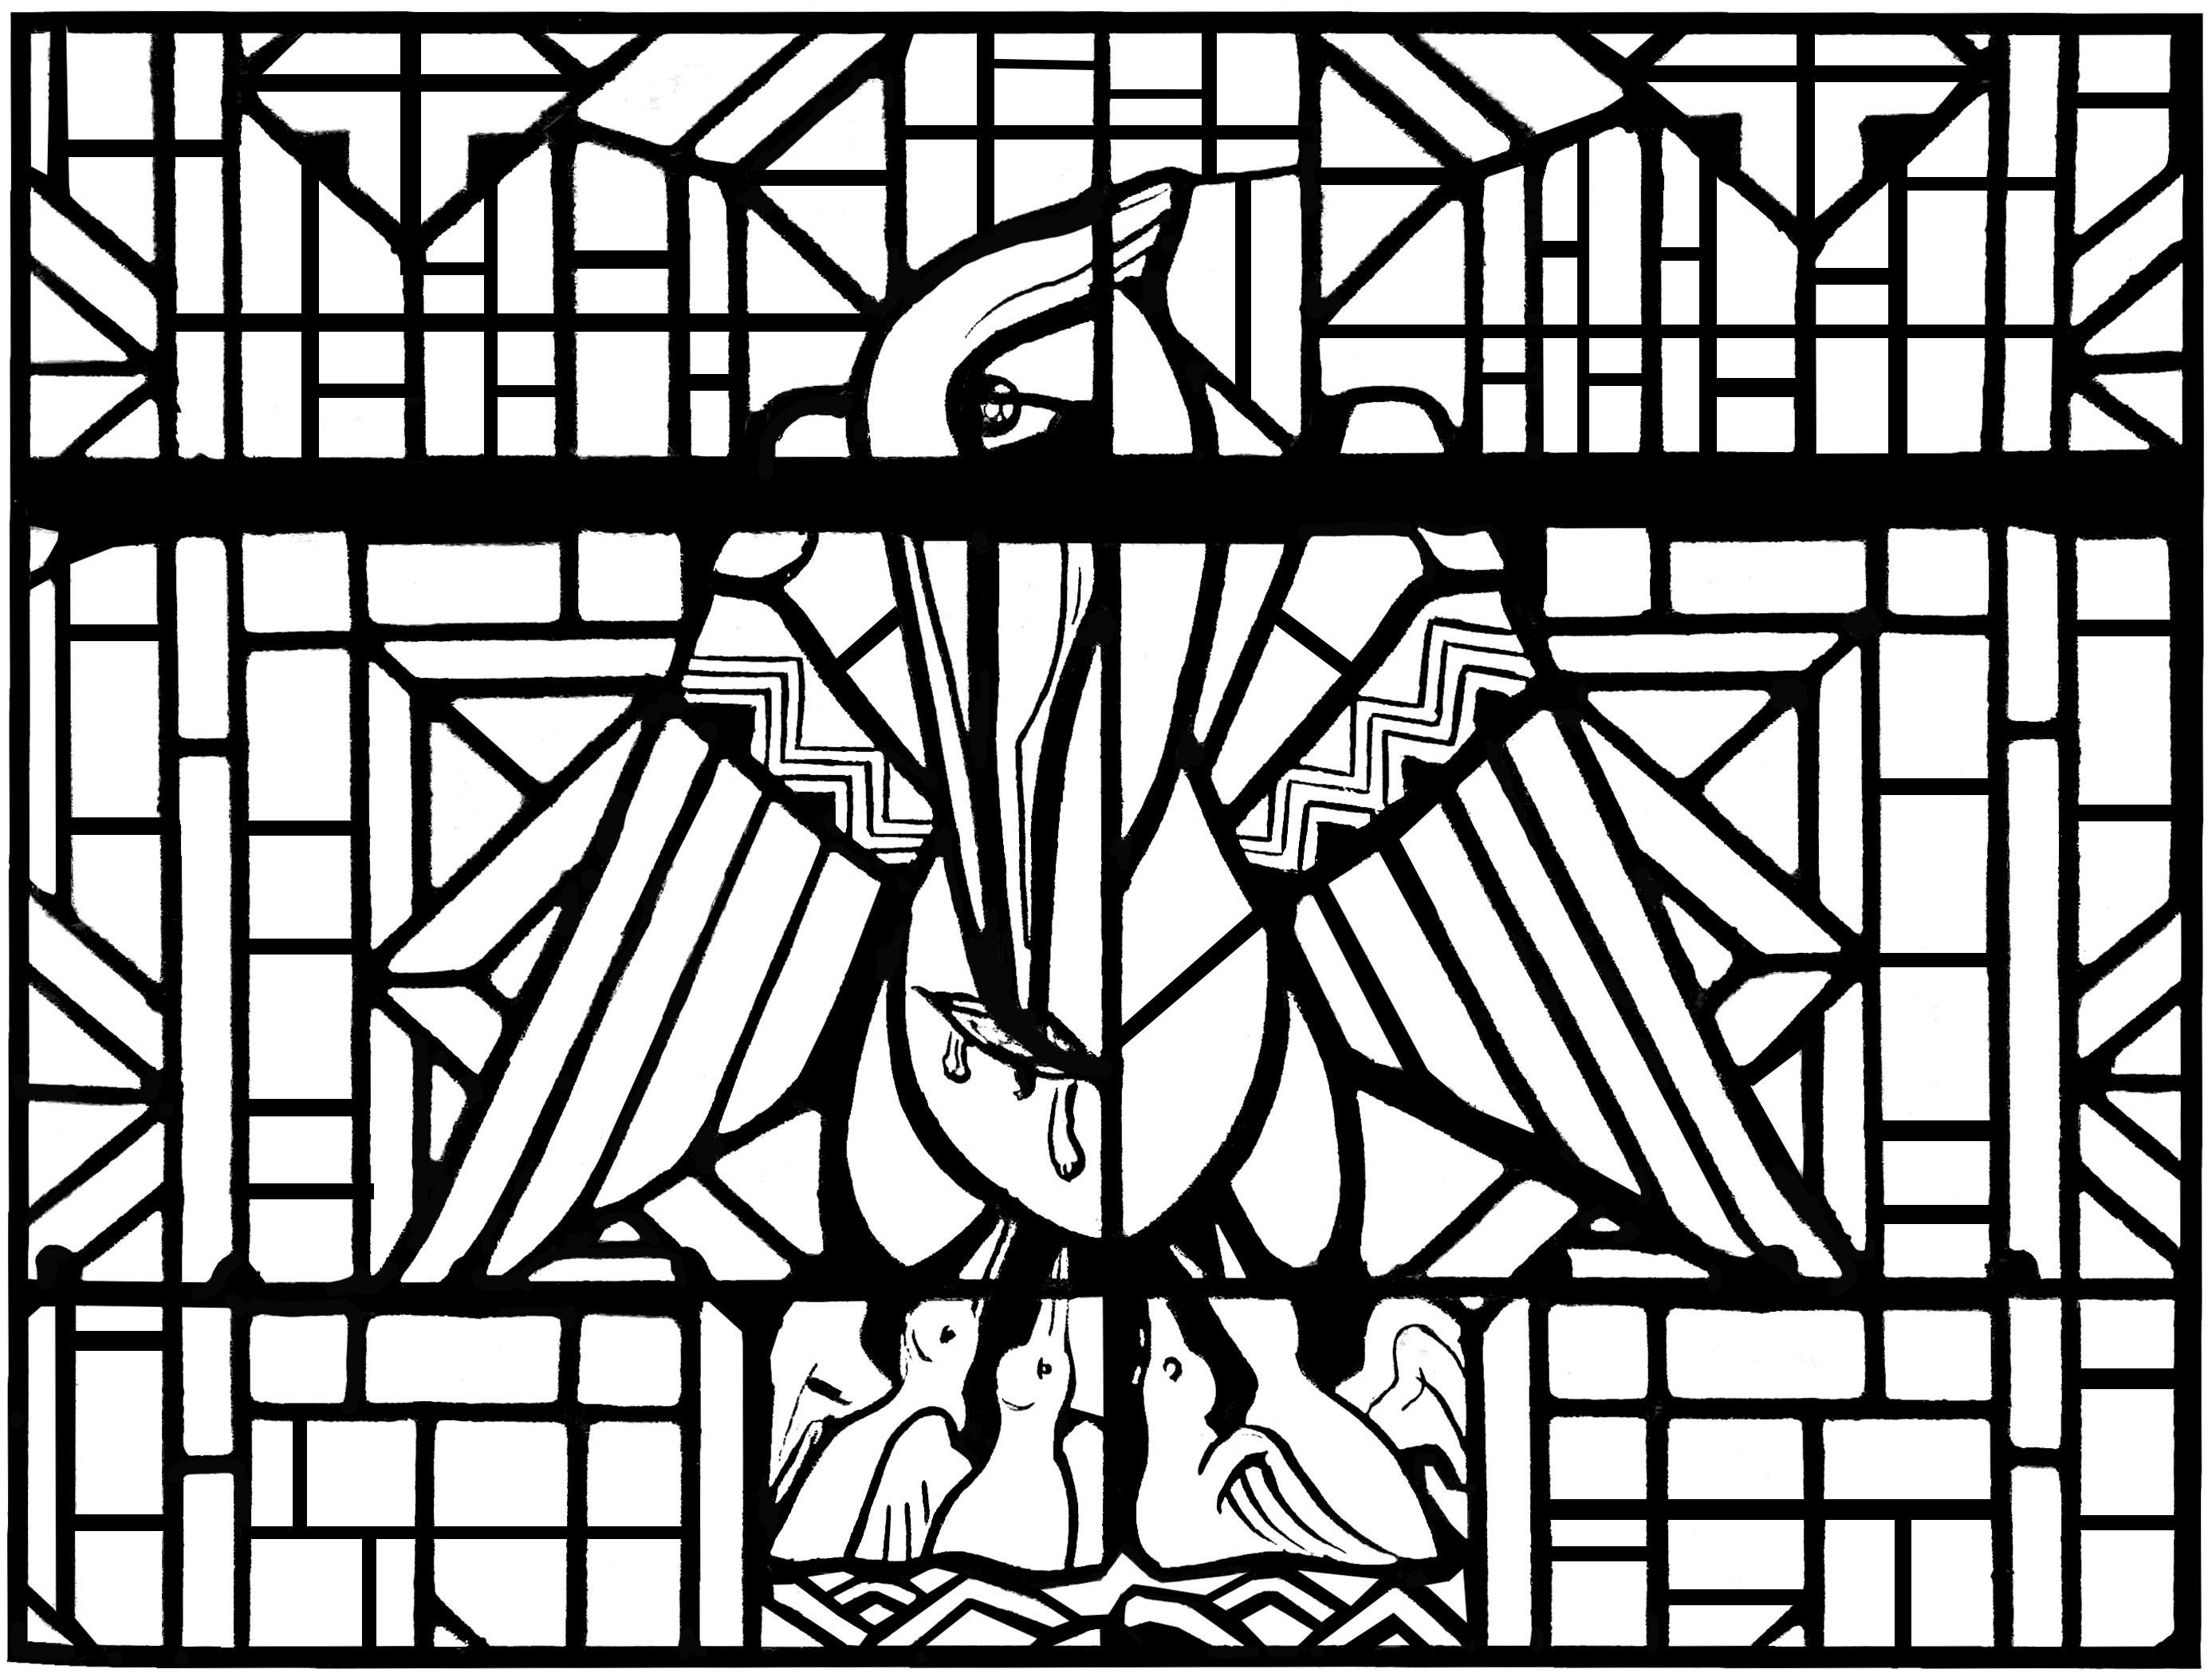 Un coloriage créé à partir d'un vitrail moderne représentant un Pélican, Eglise d'Arthon en Retz - Version complexe